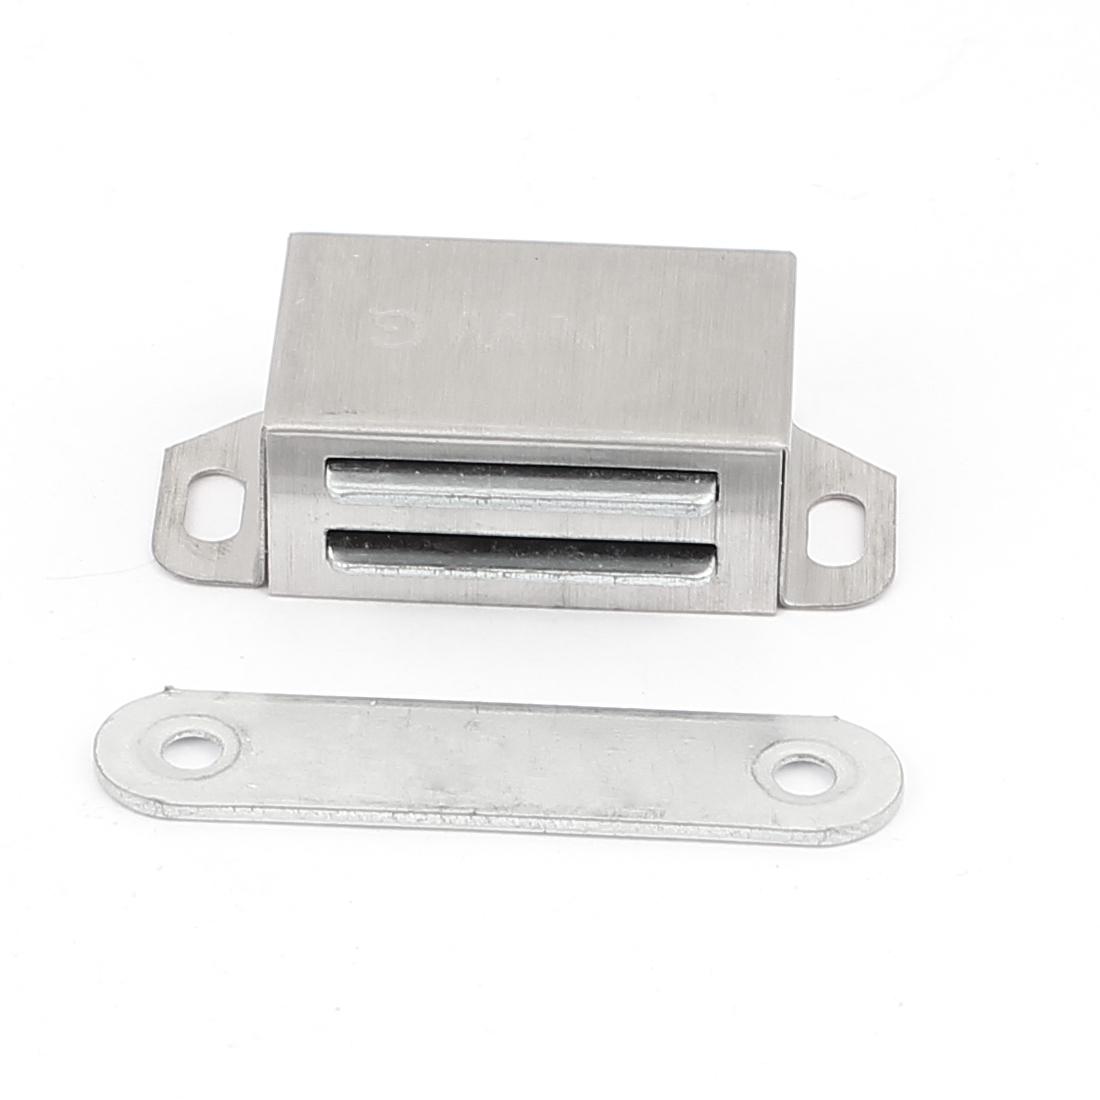 Bathroom Bedroom Kitchen Cupboard Doors Stainless Steel Magnetic Catch 53mm Long